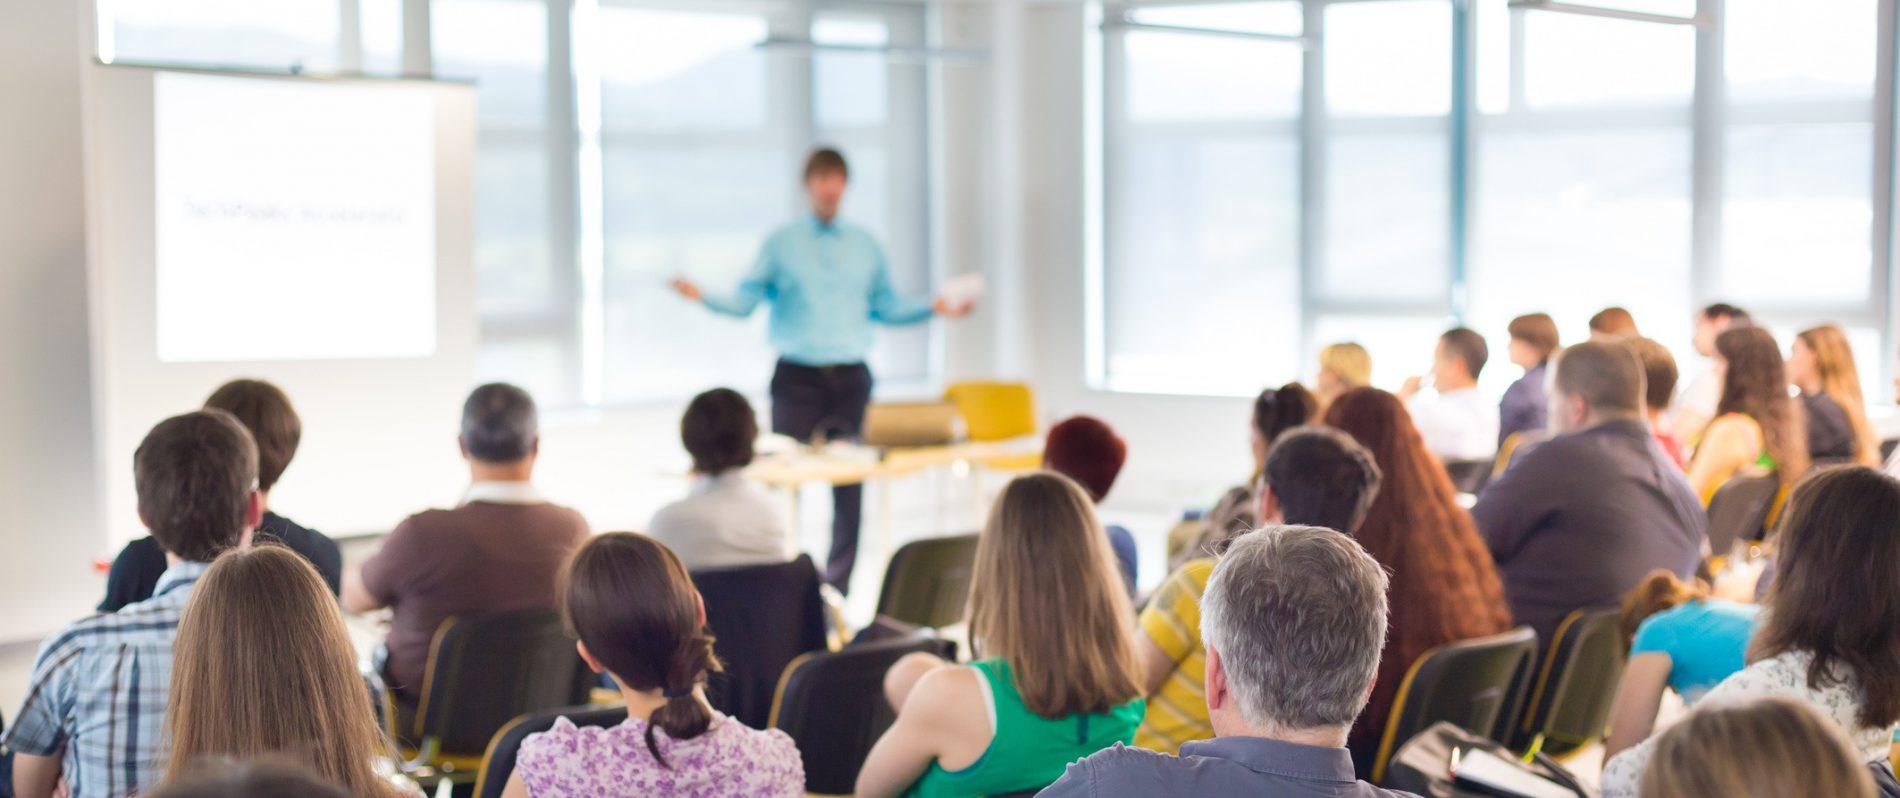 Attestato Prestazione Energetica: quali ingegneri non necessitano di corsi di formazione specifici?